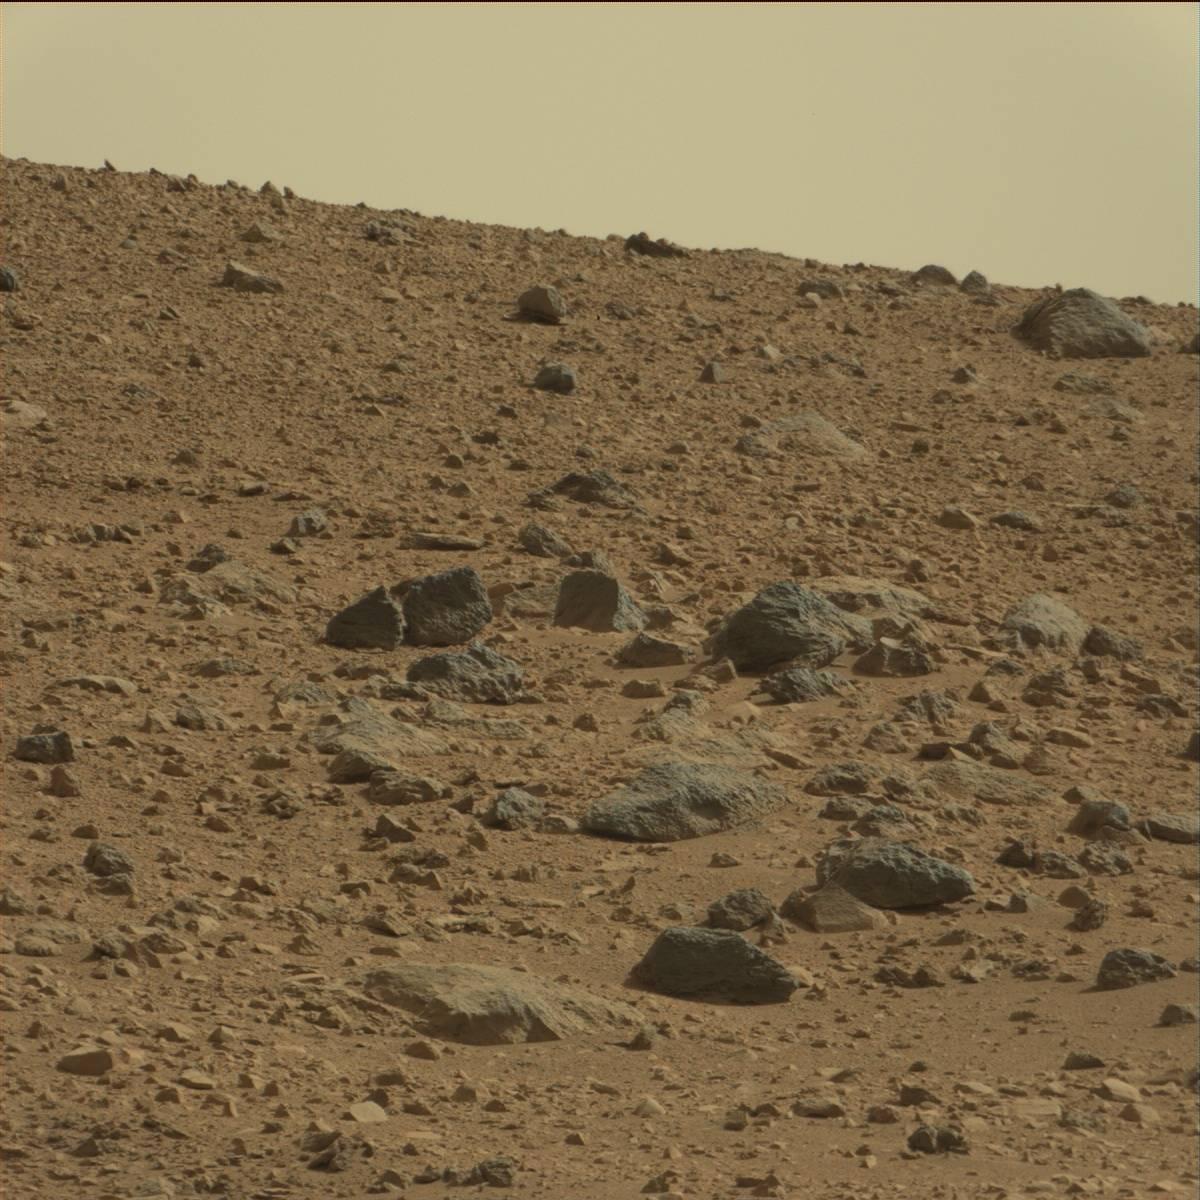 rover 75 mars - photo #24